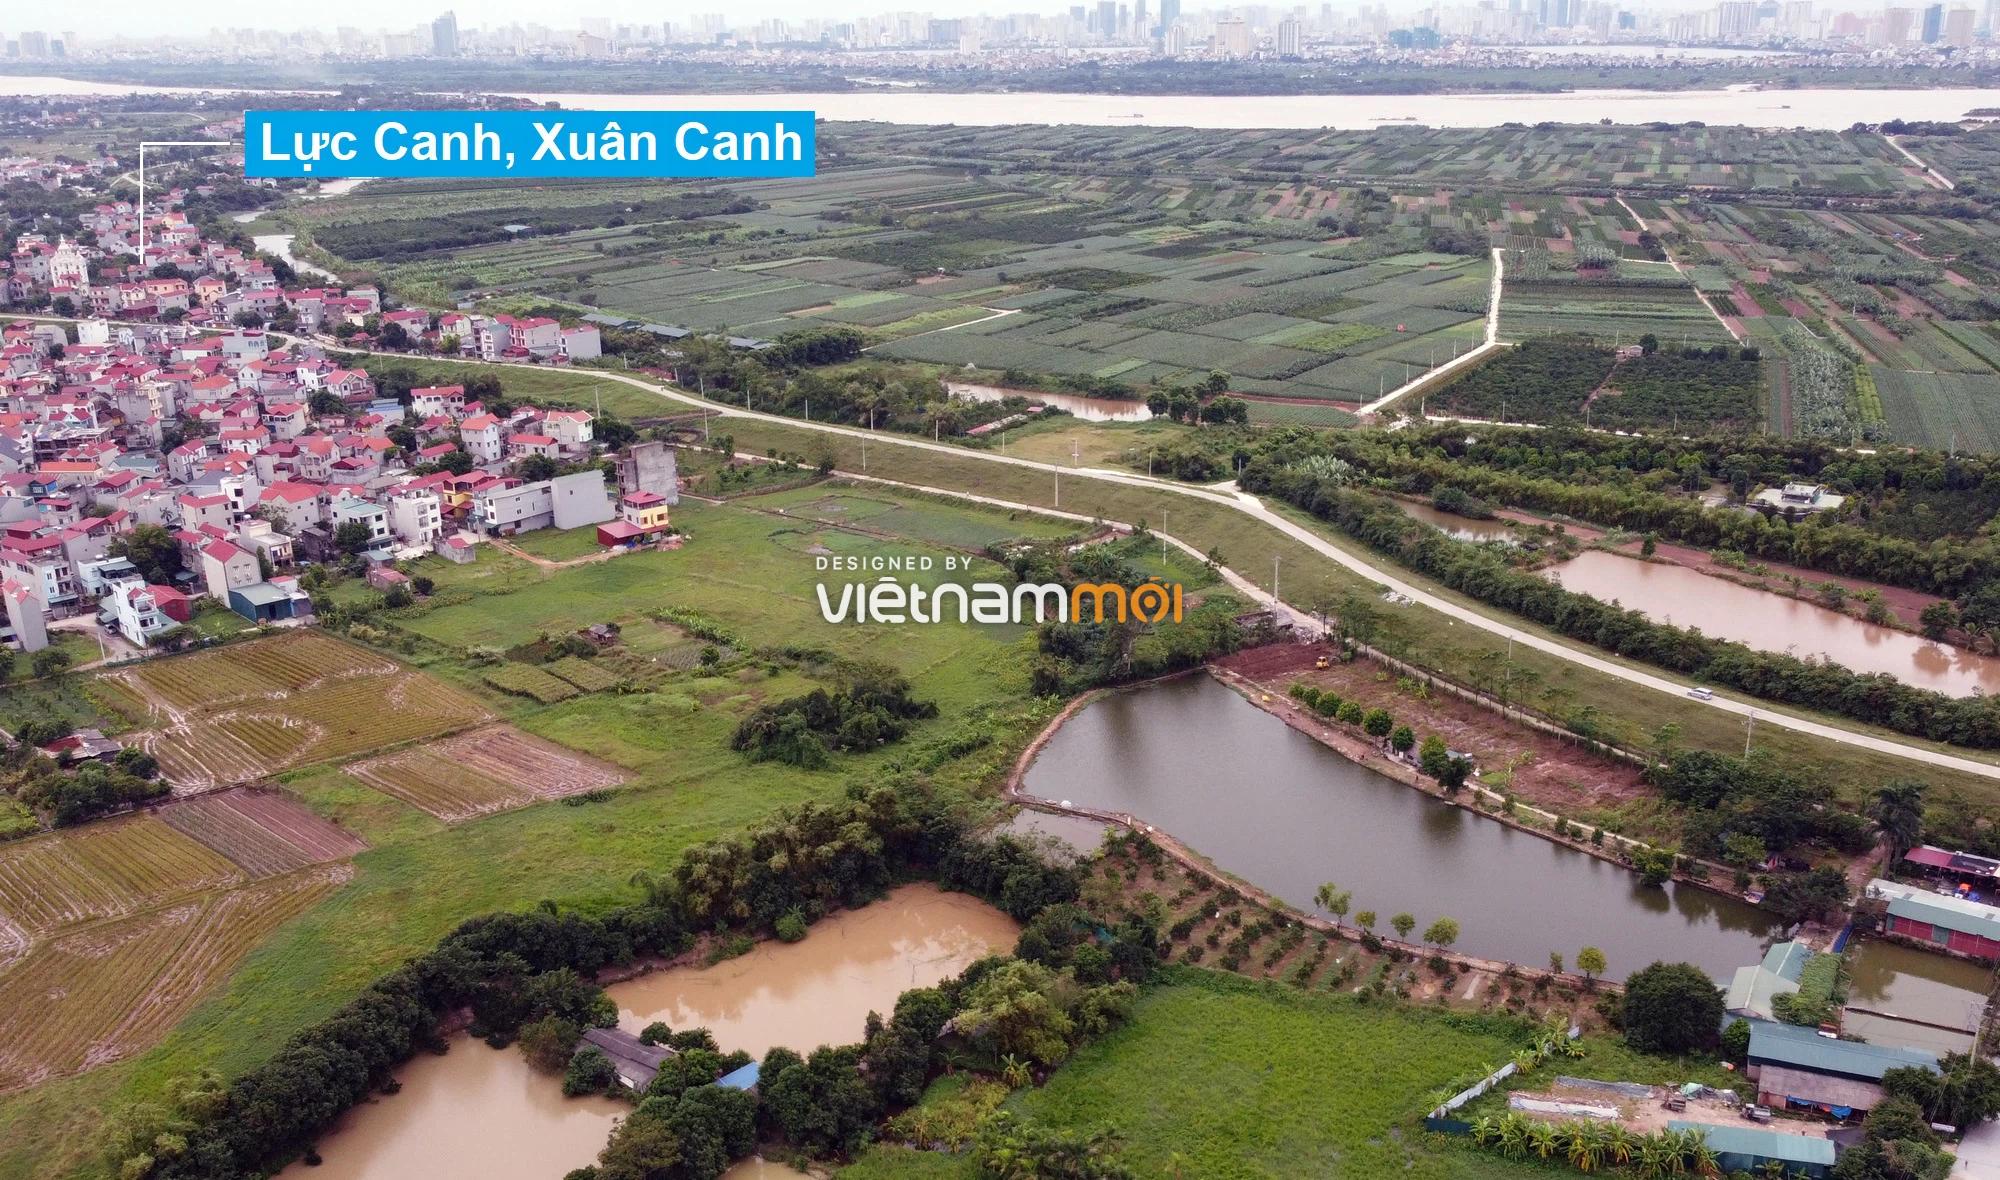 Hà Nội: Toàn cảnh hai bãi sông Hồng được phép xây dựng - Ảnh 7.